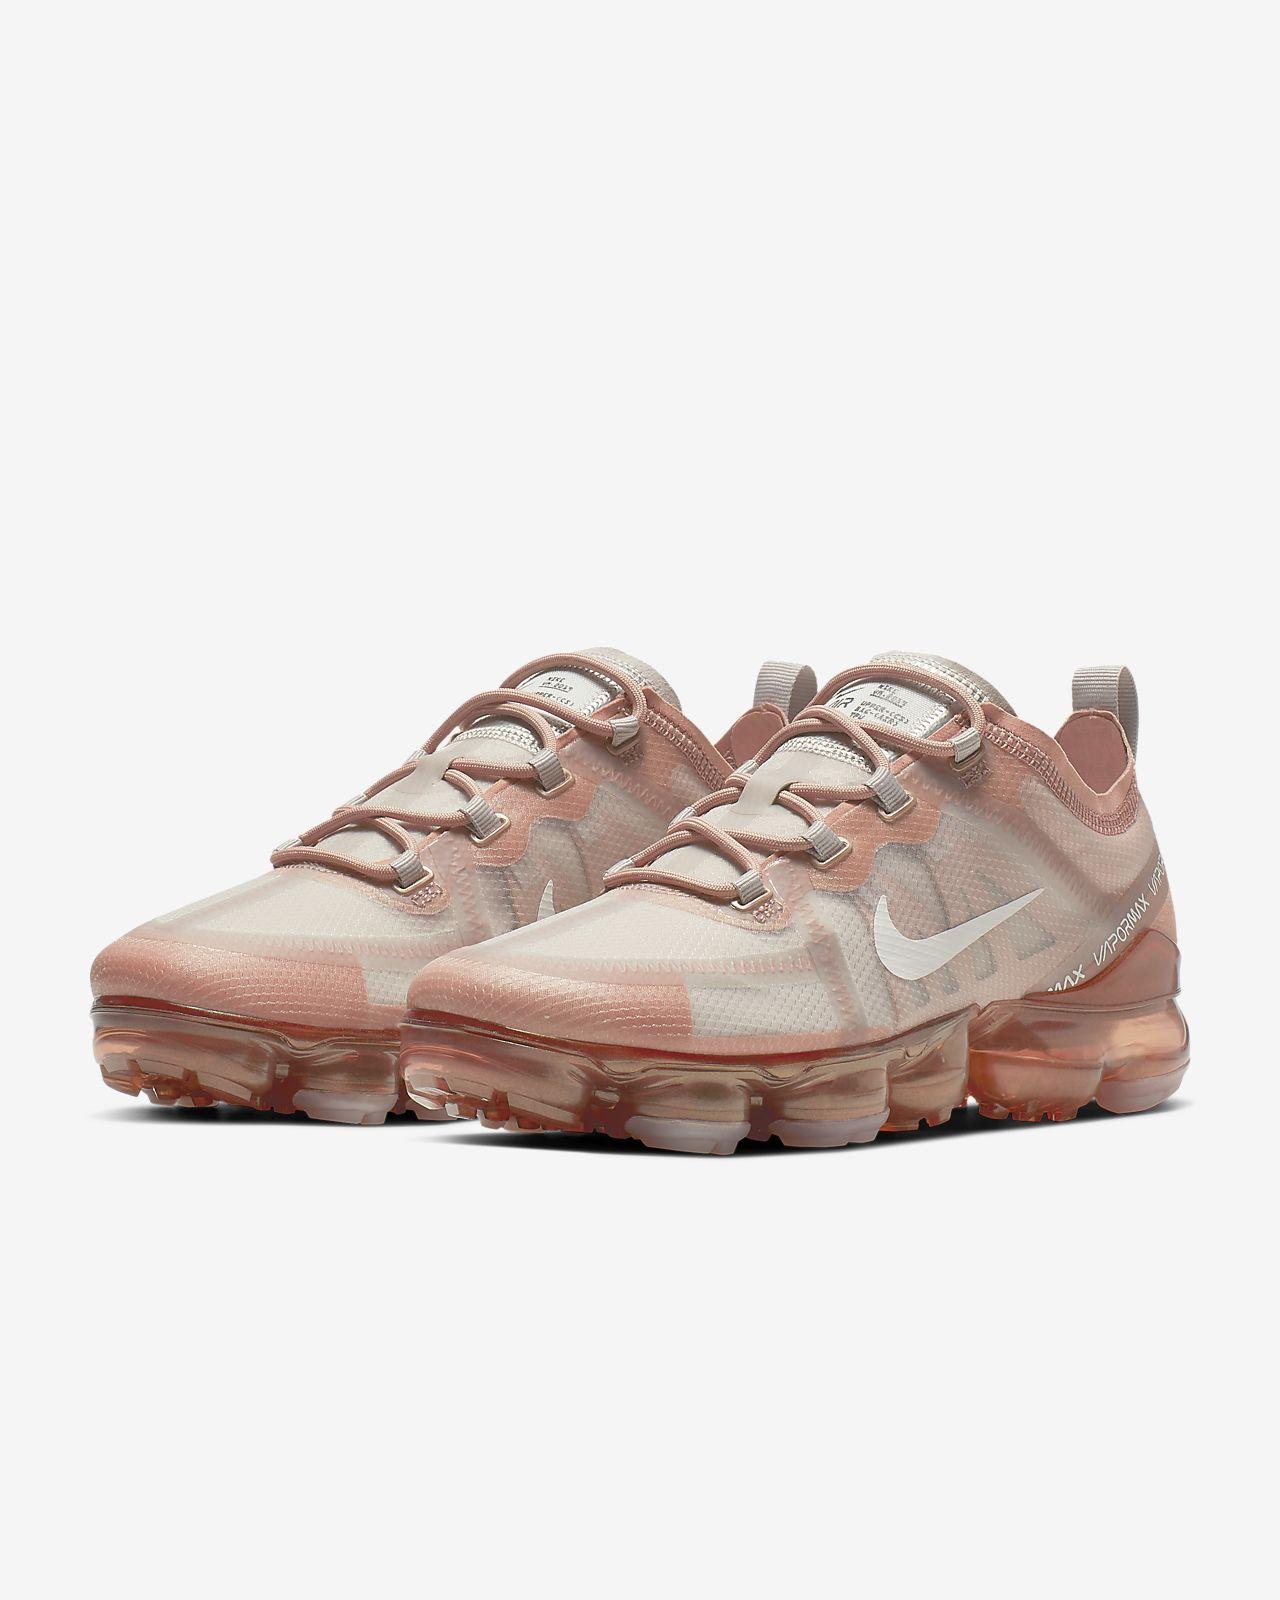 1a609ad9f91263 Nike Air VaporMax 2019 Women s Shoe. Nike.com ZA